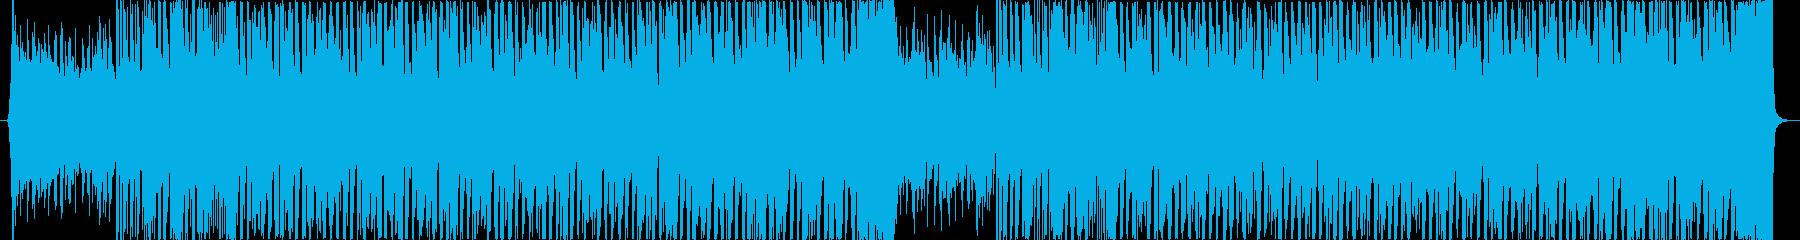 おしゃれ軽快華やかディスコネオソウルaの再生済みの波形